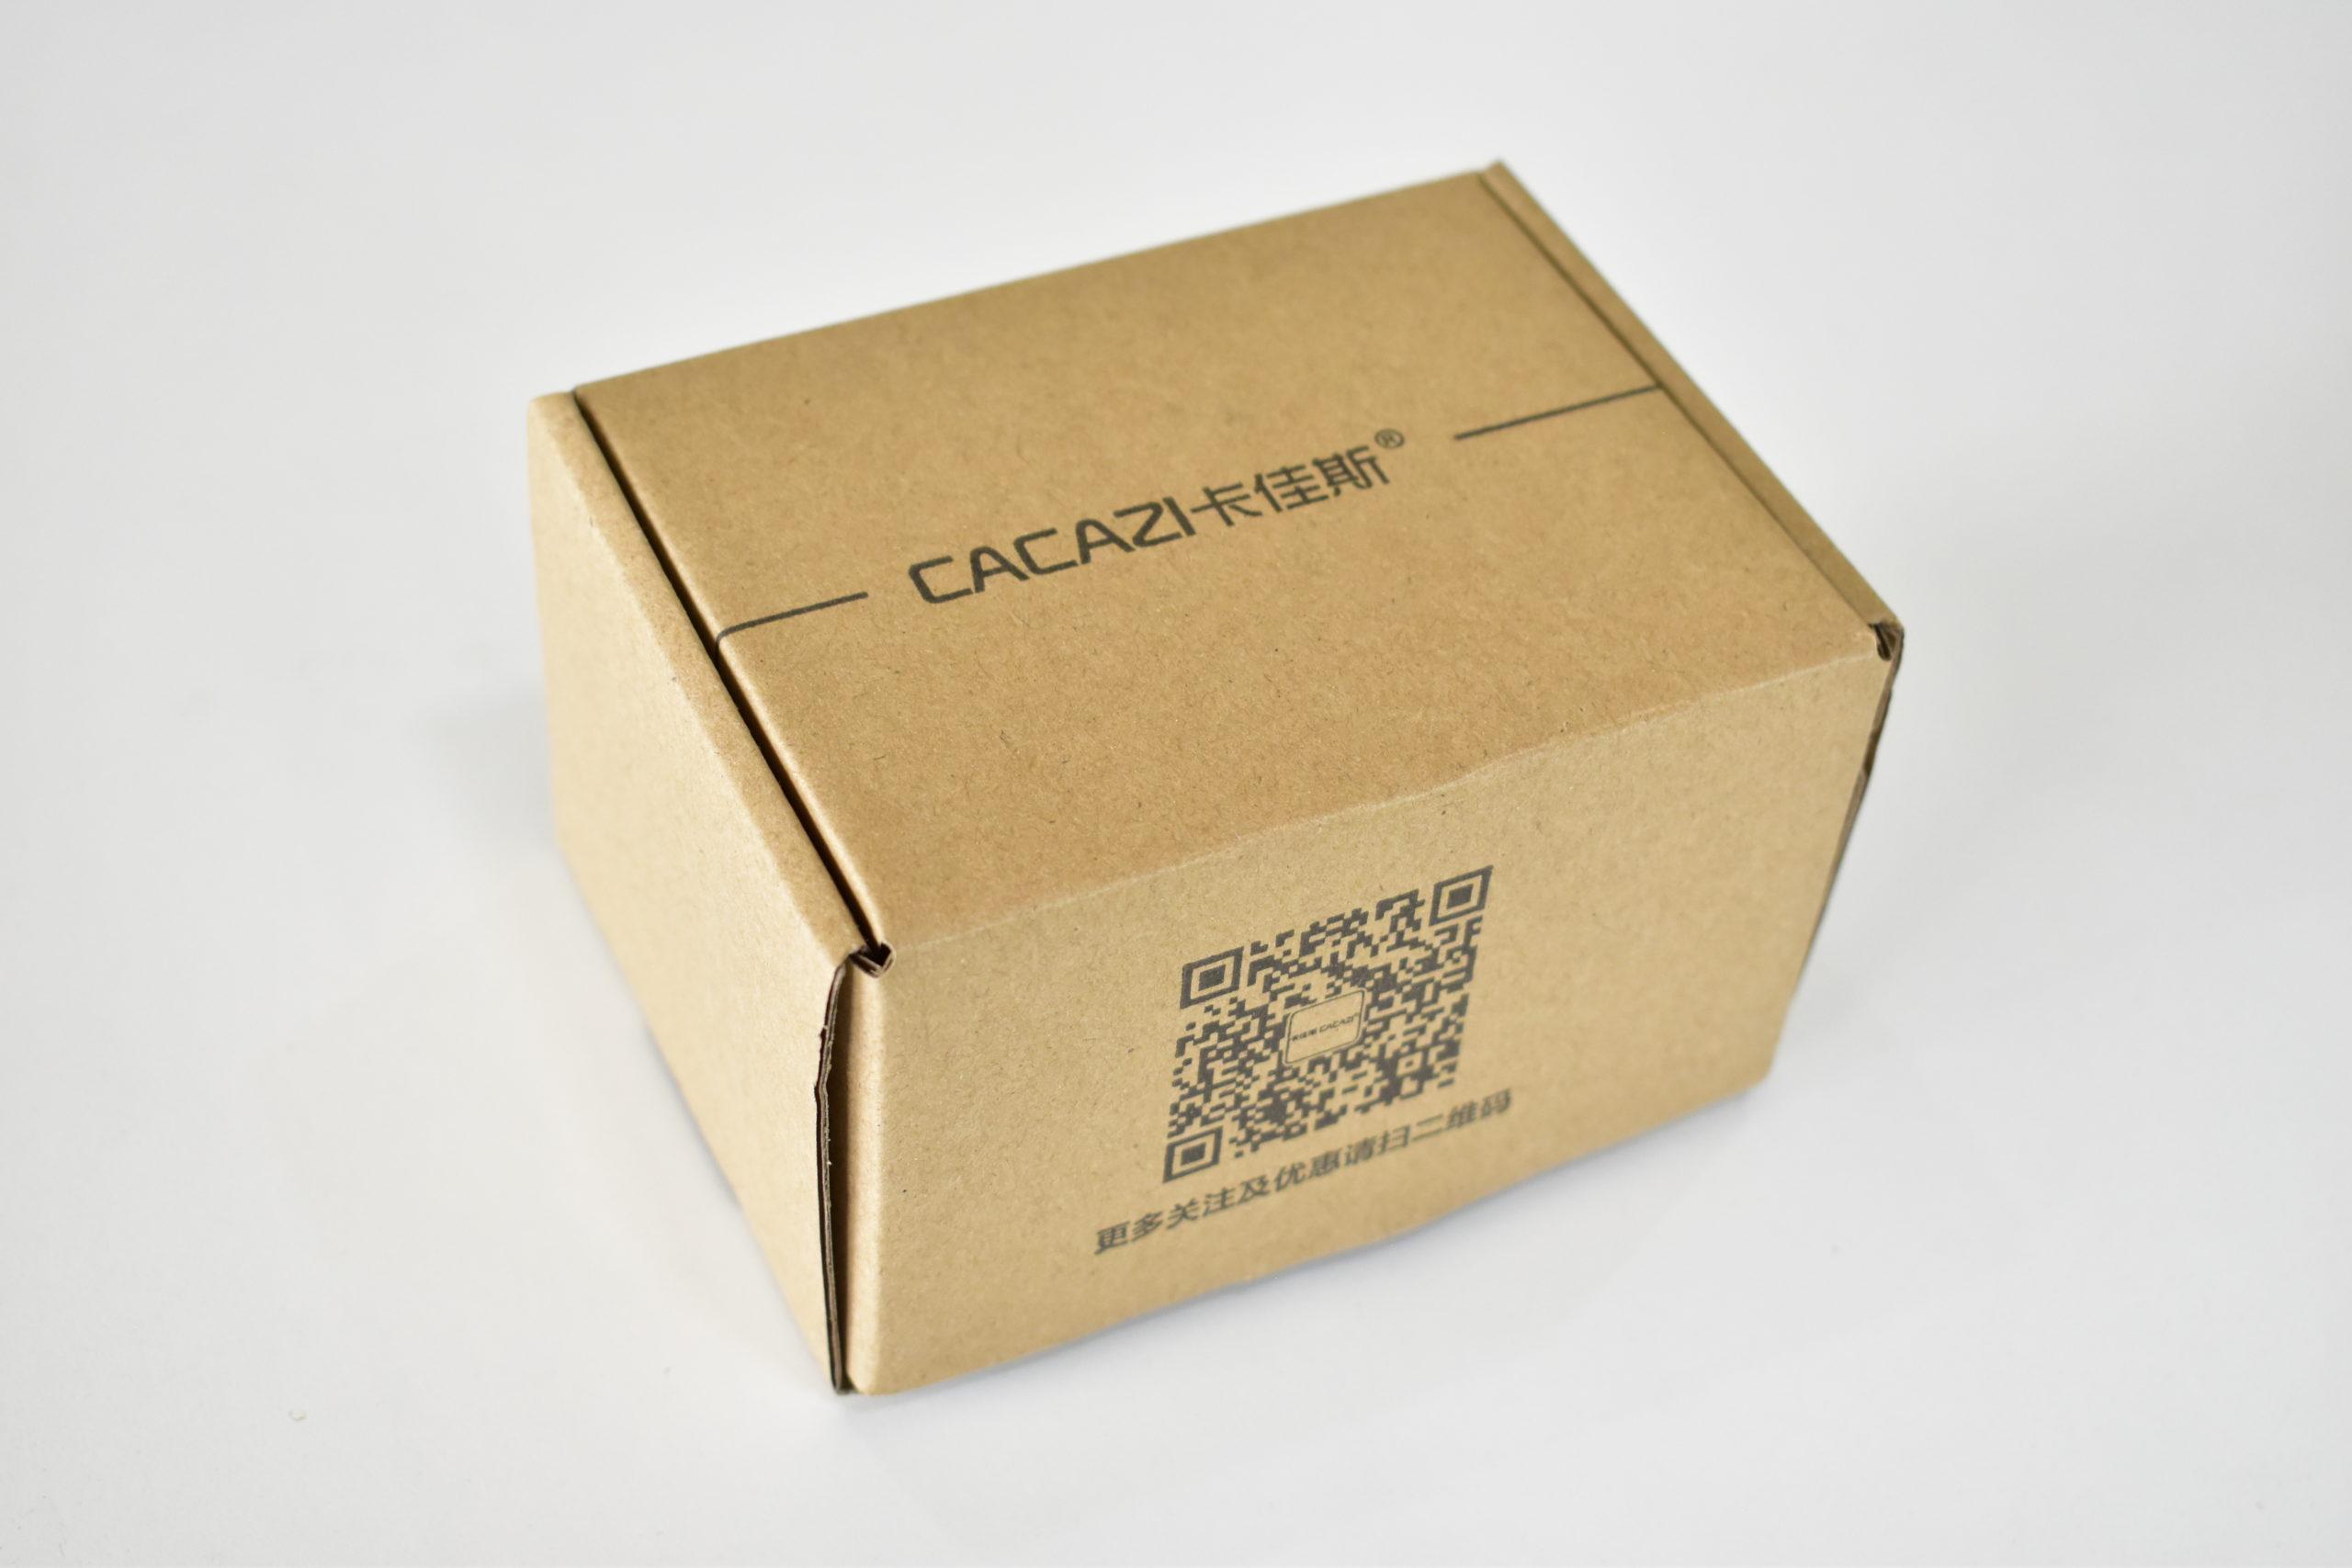 ออดฉุกเฉิน CACAZI CR2032 กล่อง